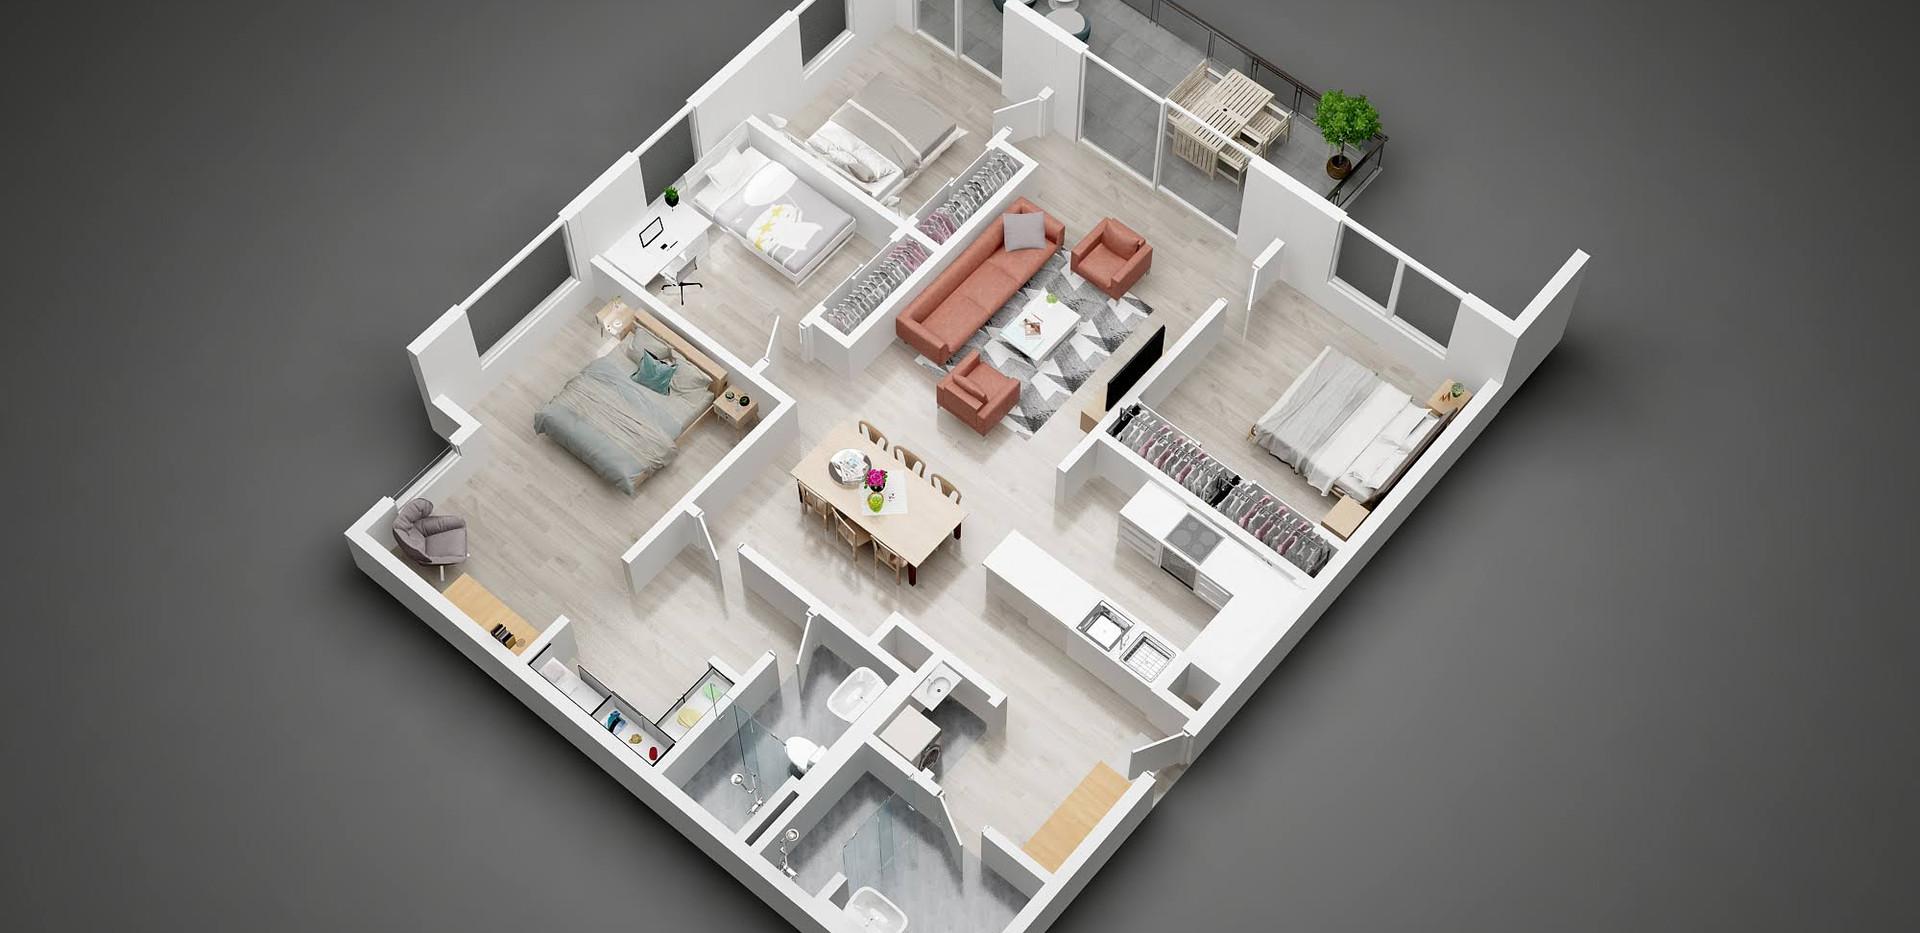 1408_3D  floor plan